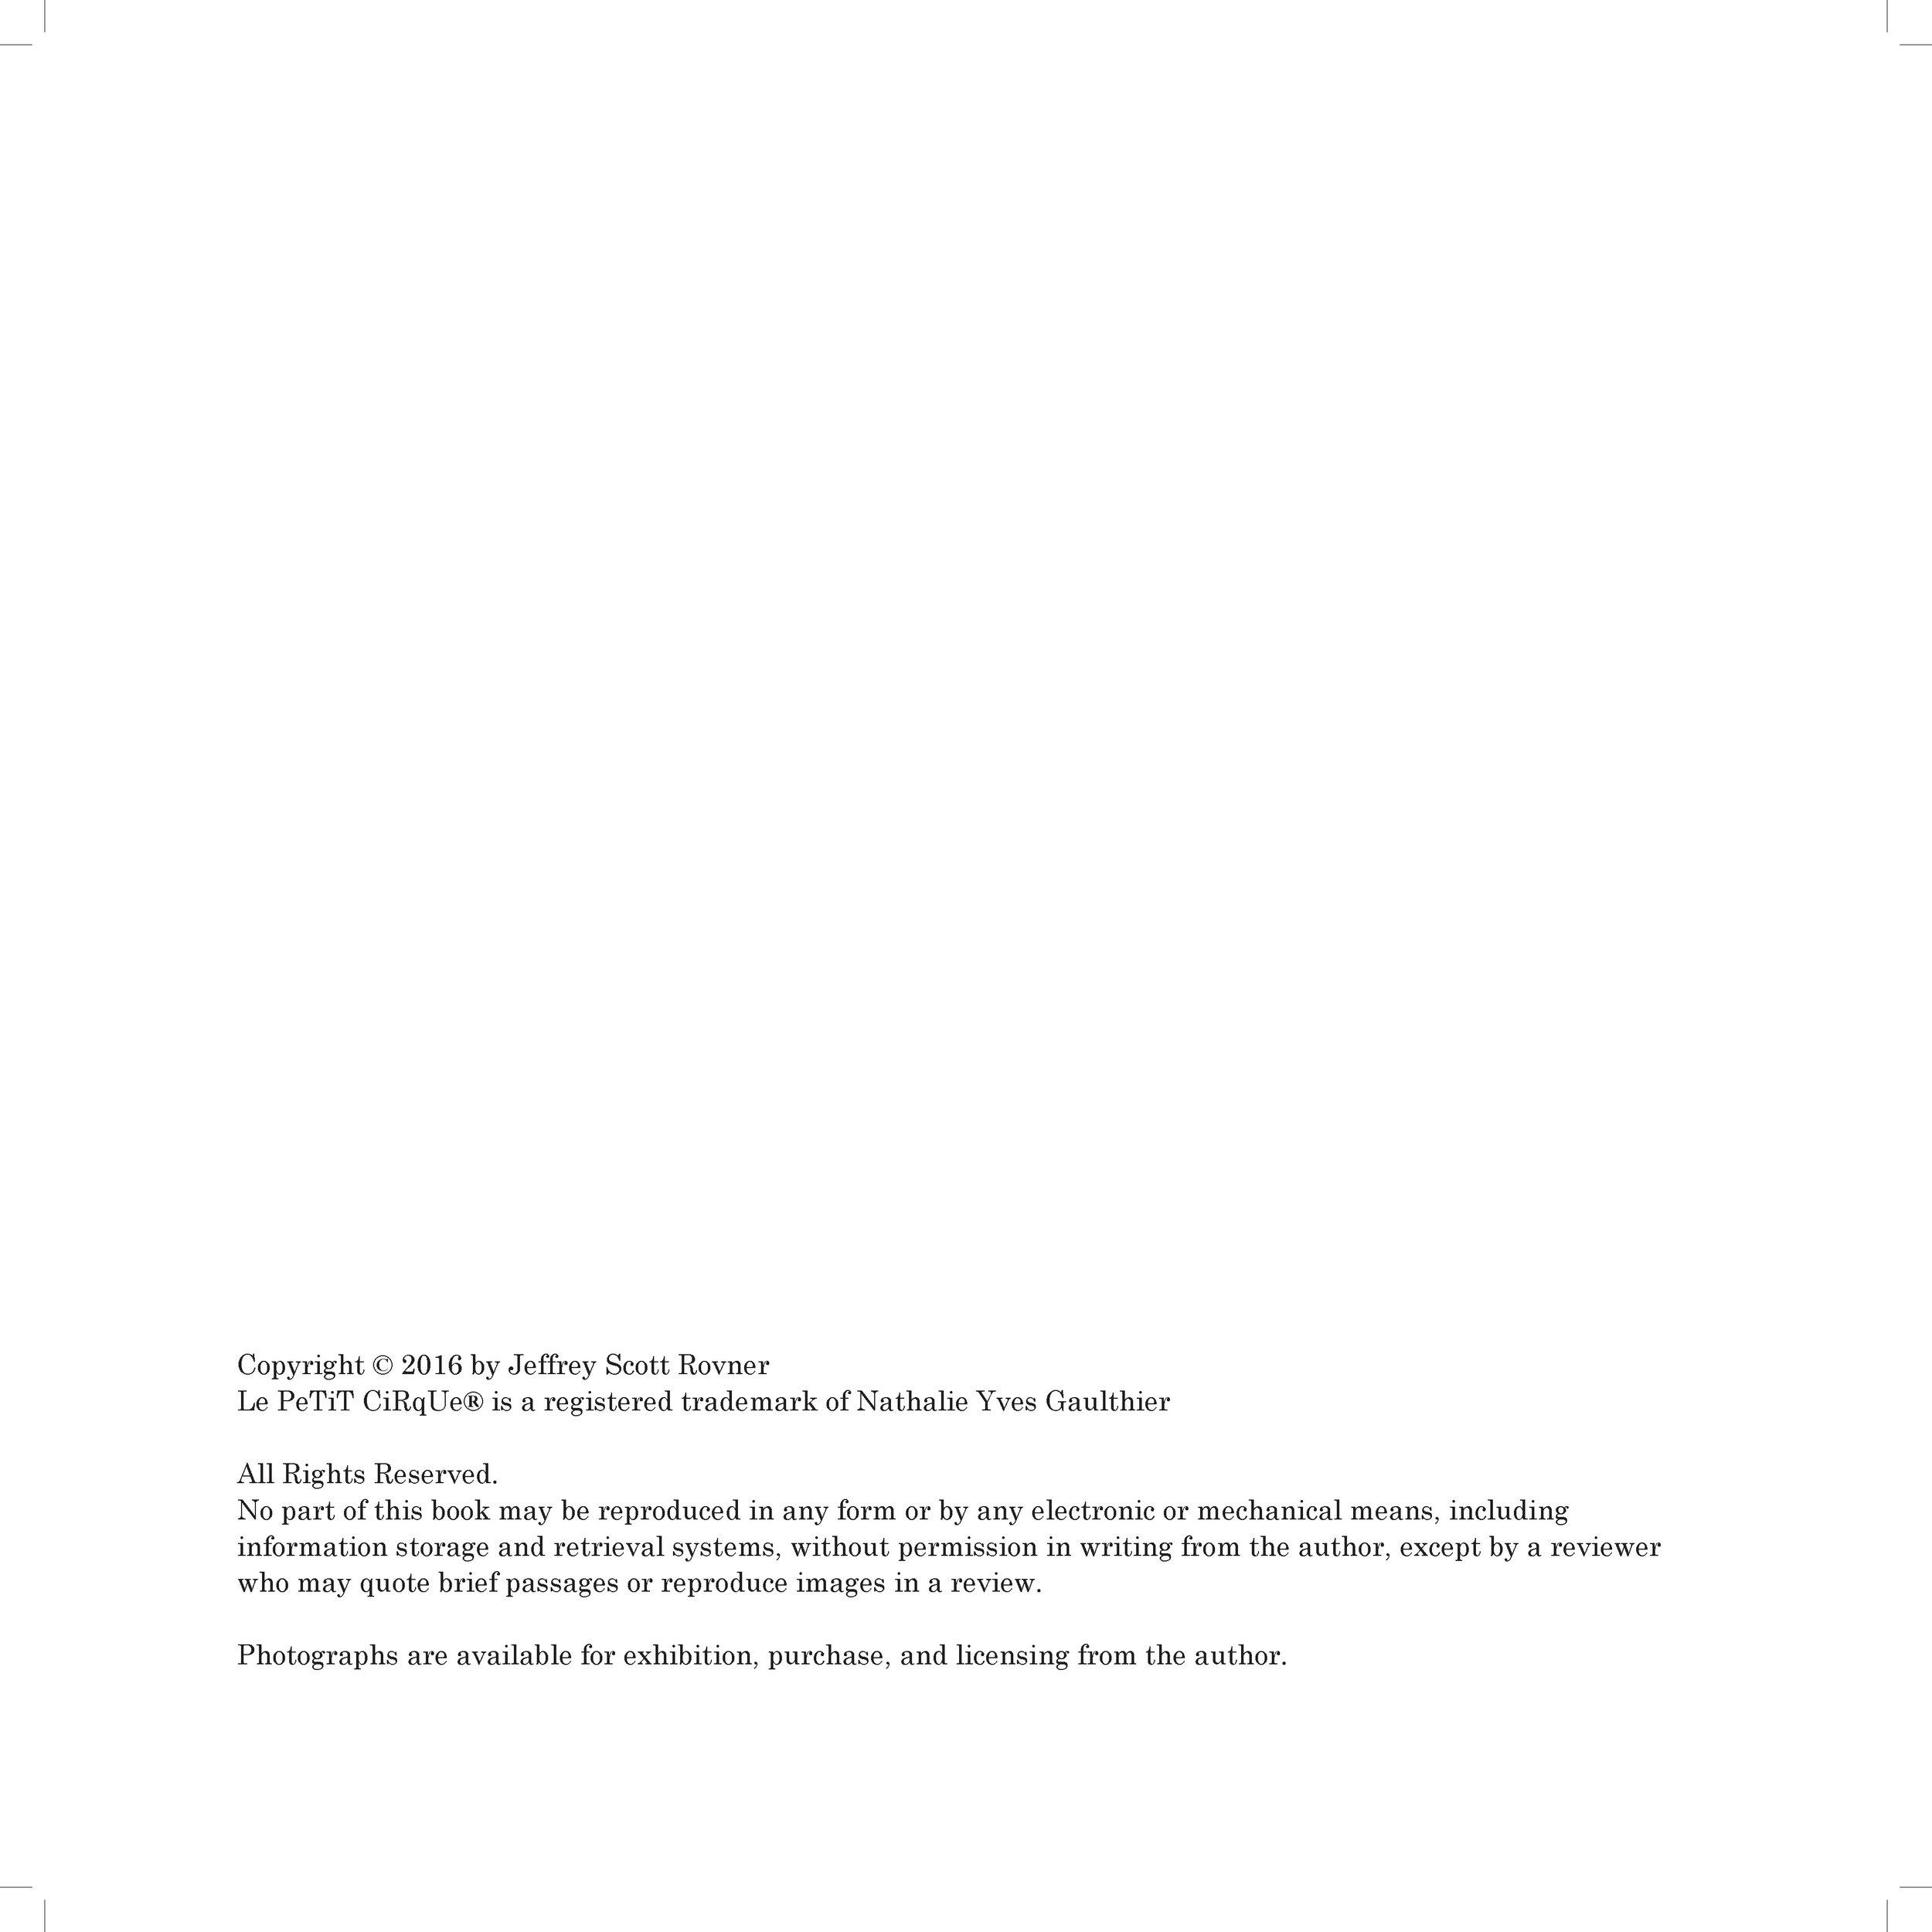 LePetitCirque-InteriorV3_Page_152.jpg